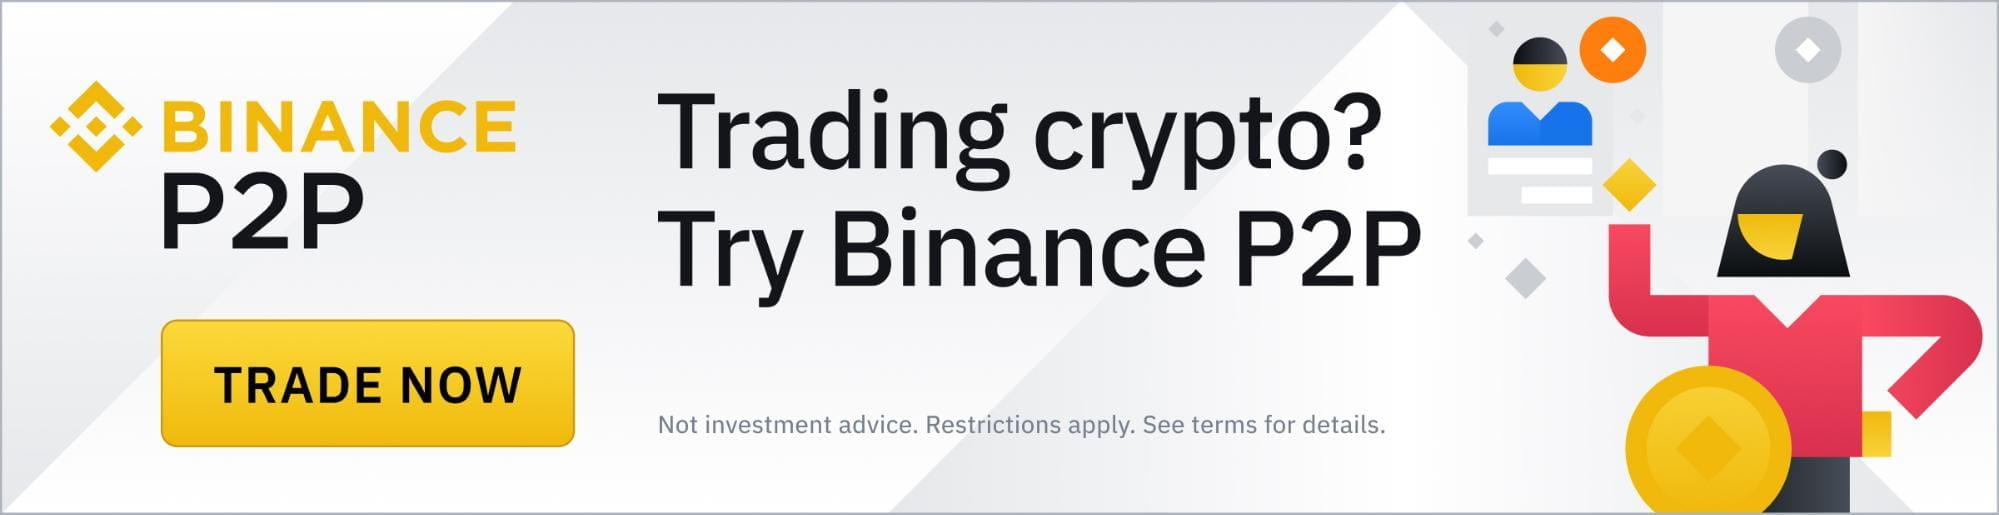 Mit jelent, hogy a cryptocurrency ár elérje az ATH-t? Mindig magas